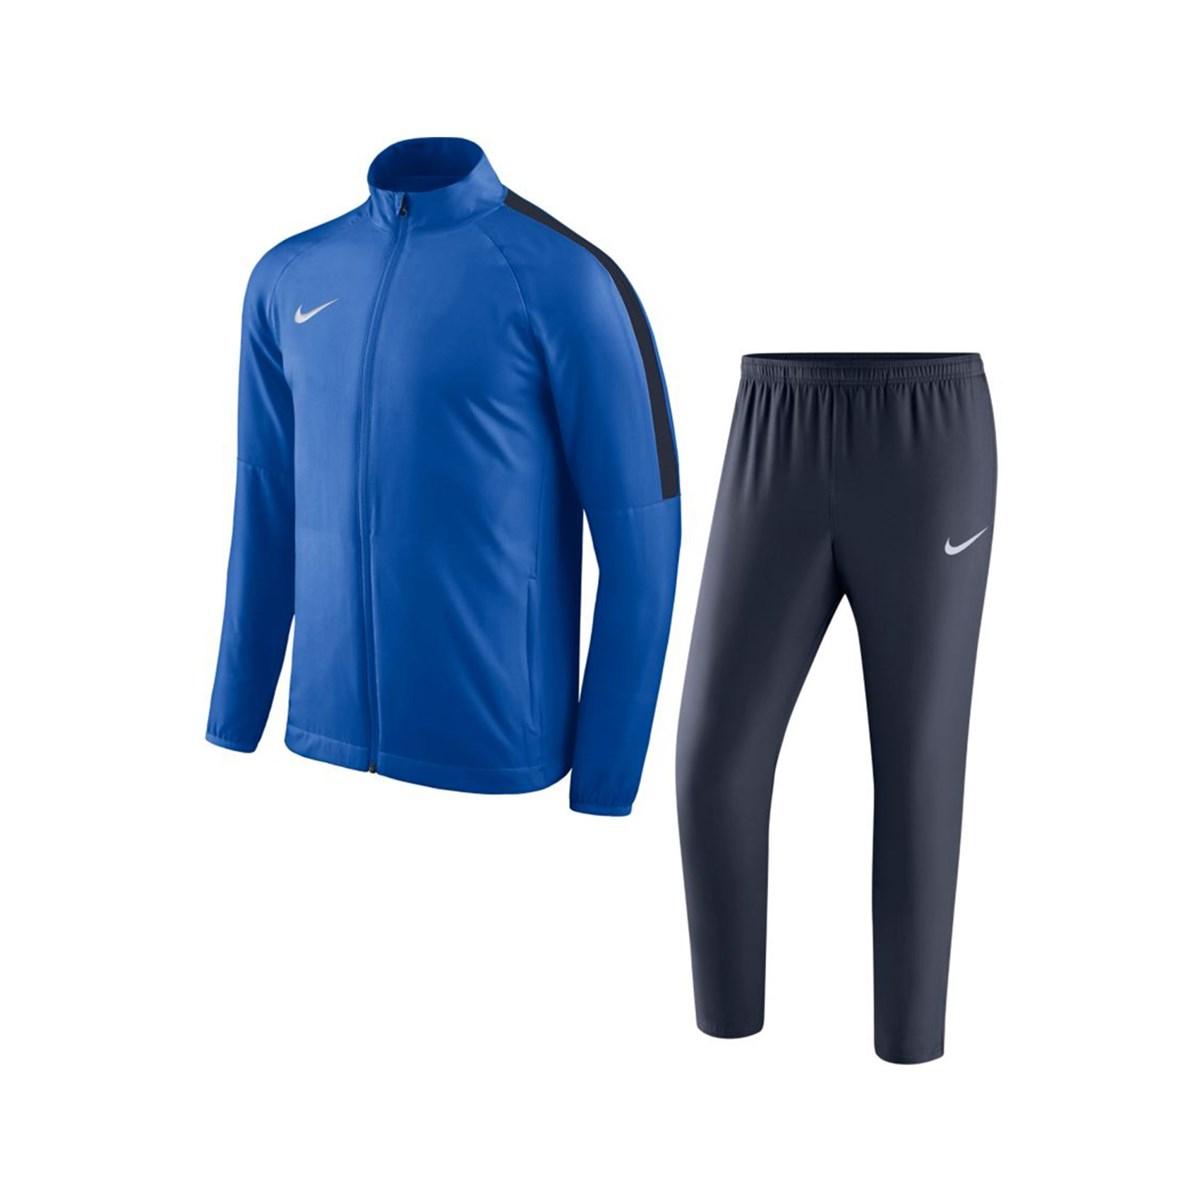 Dry Academy 18 Trk Suit Erkek Mavi Eşofman Takımı (893709-463)